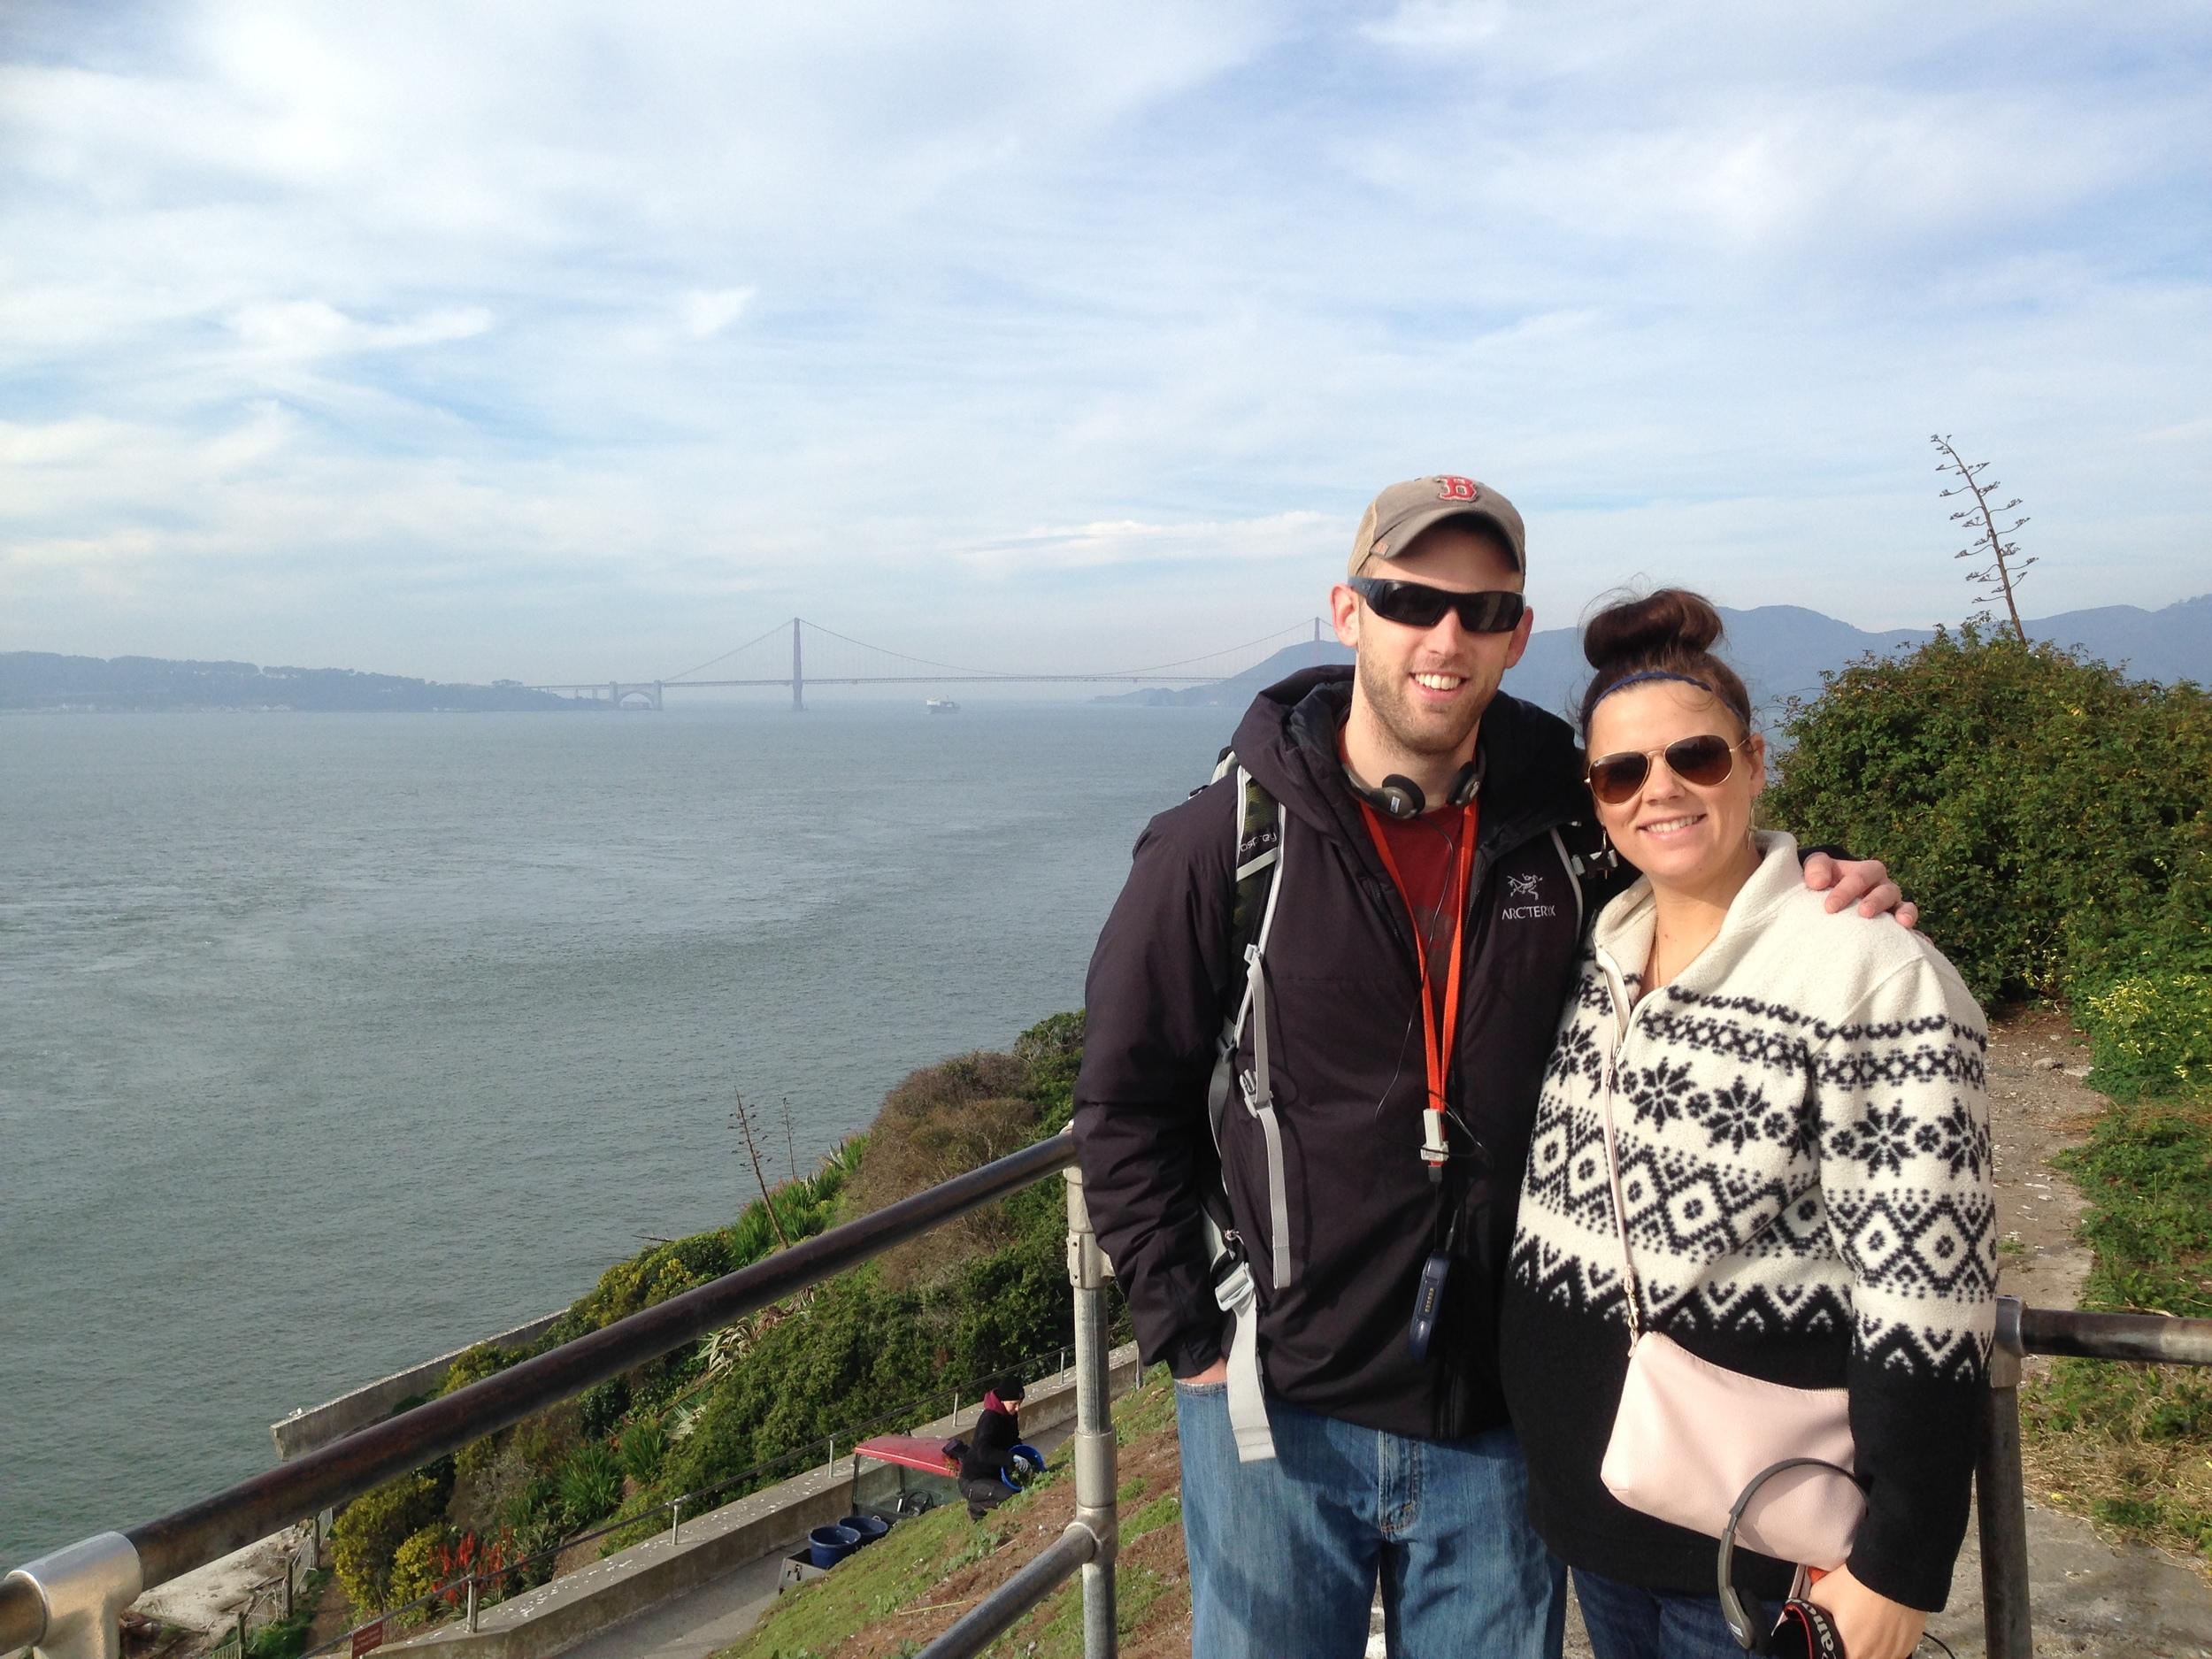 28 Weeks Pregnant at Alcatraz